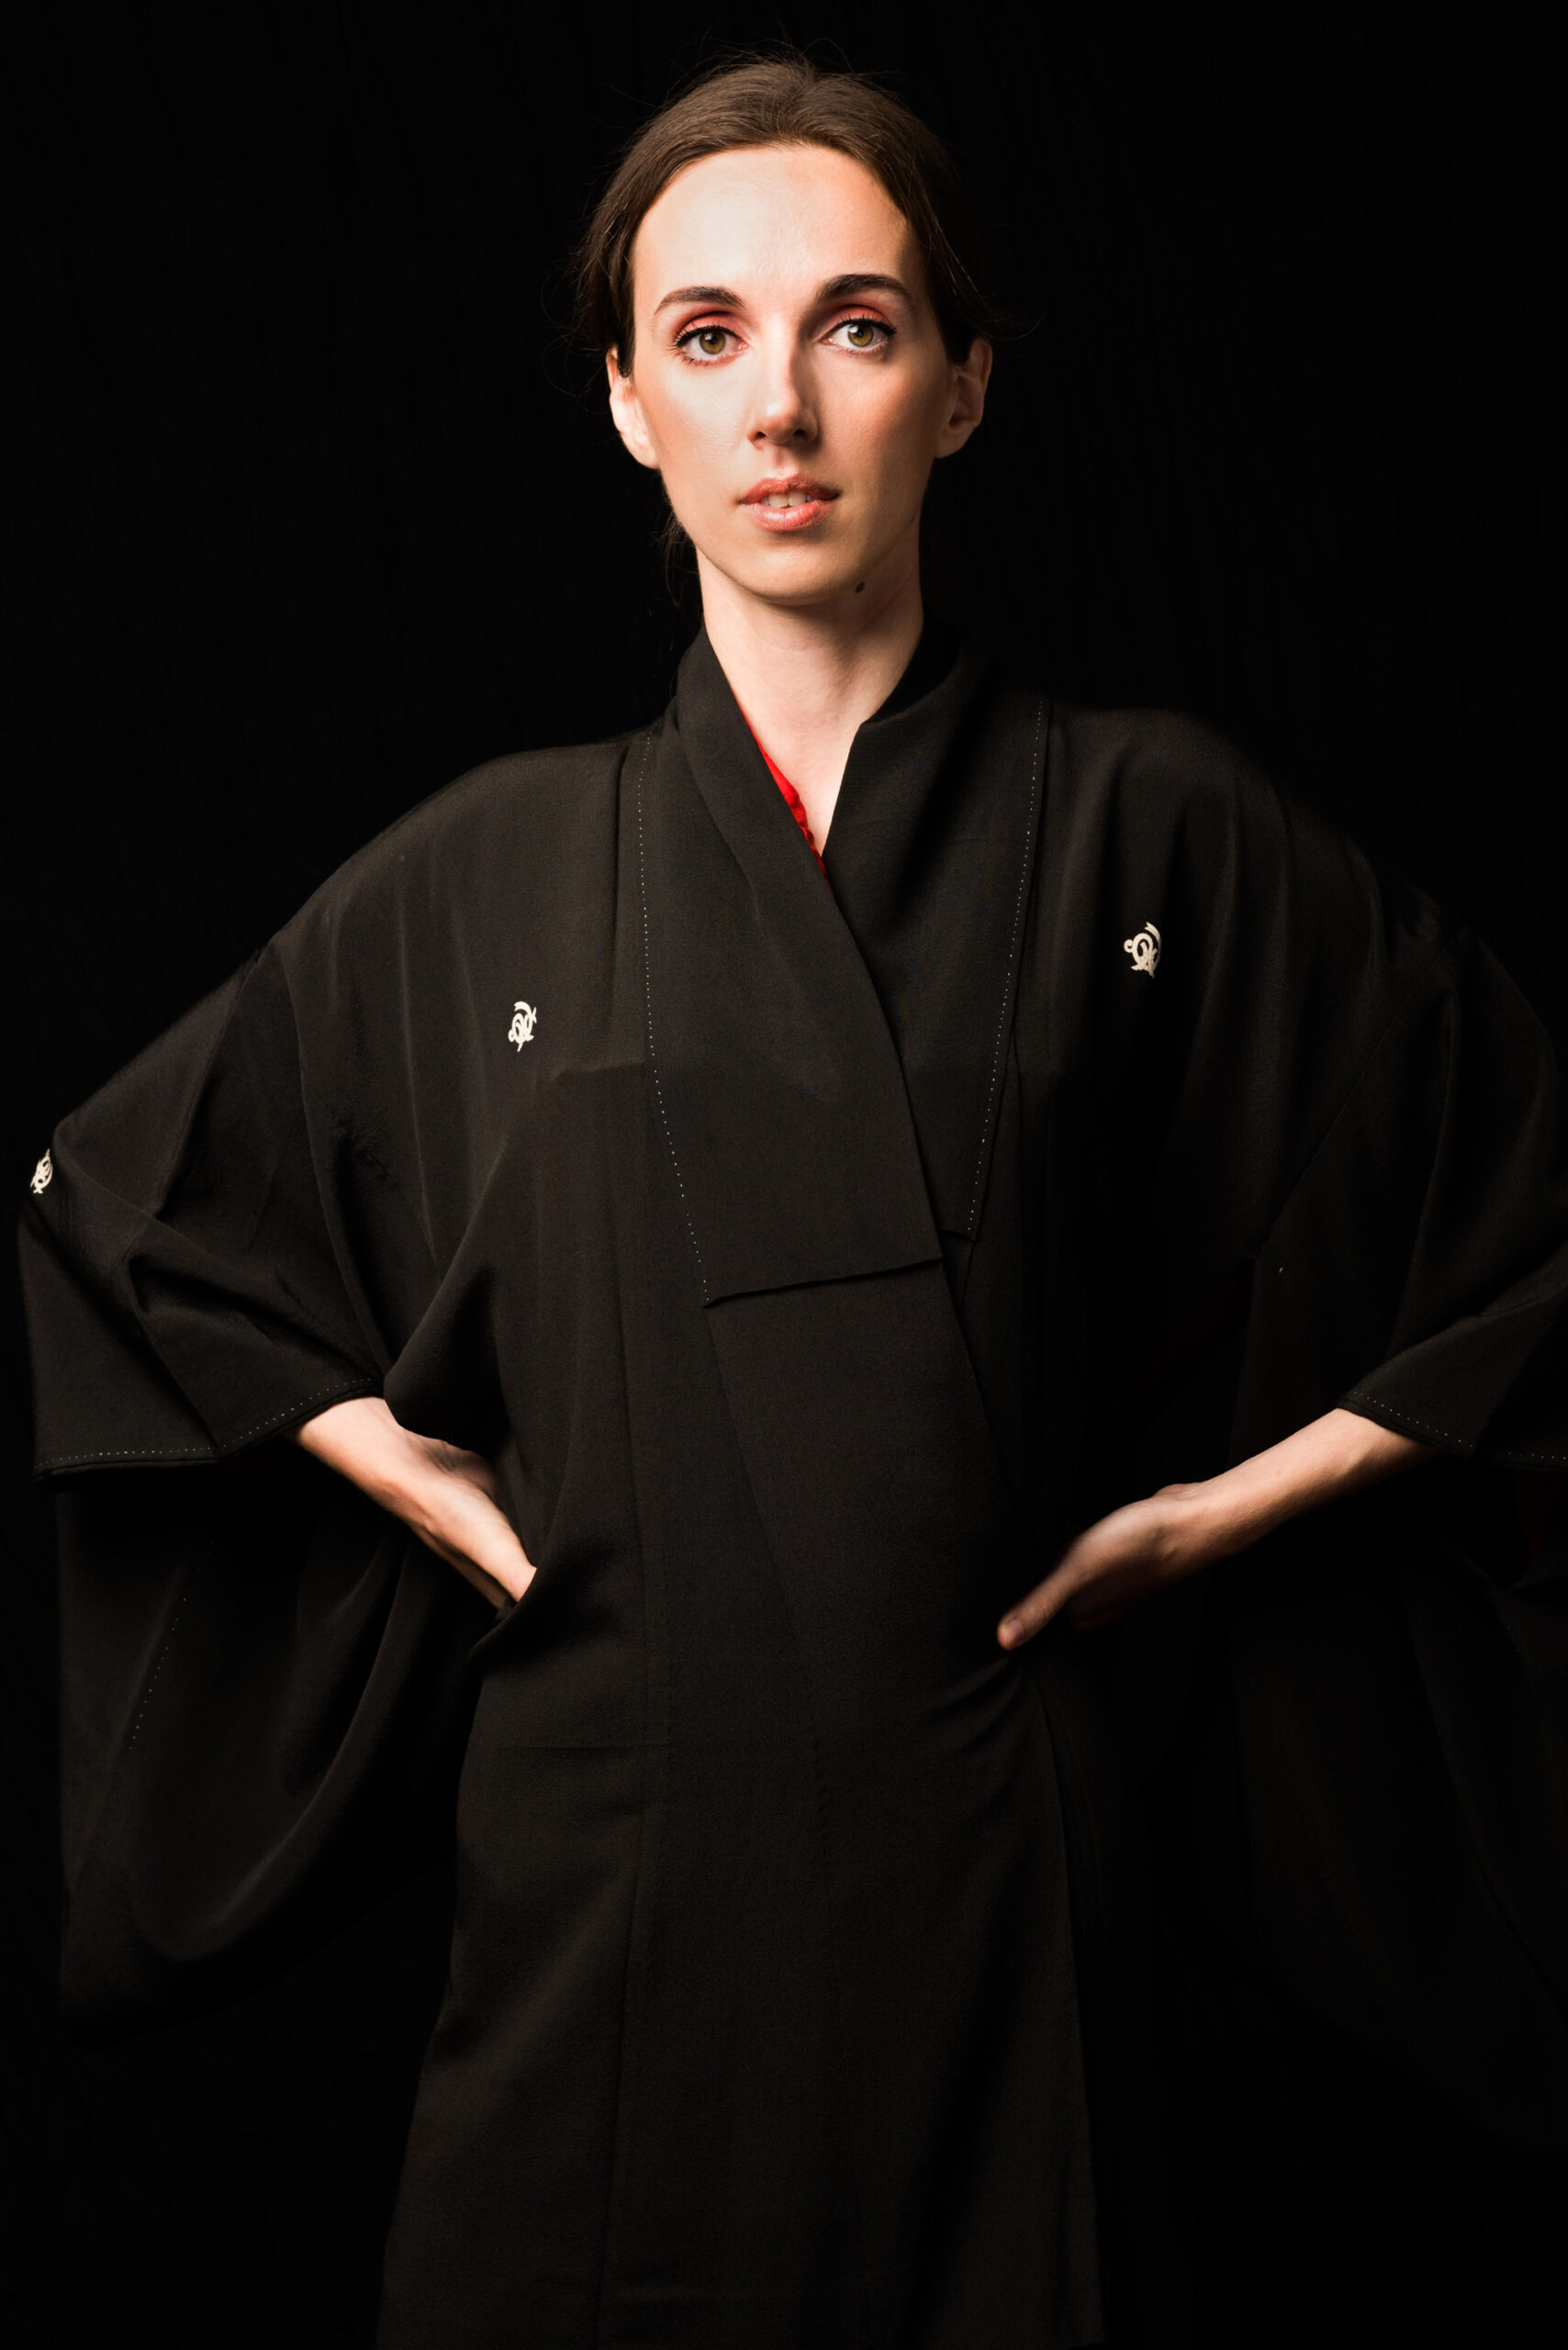 Как я купила винтажное кимоно и хаори в Японии и что из этого вышло. Таня Койчева для Garterblog.ru Все права на фото и текст защищены